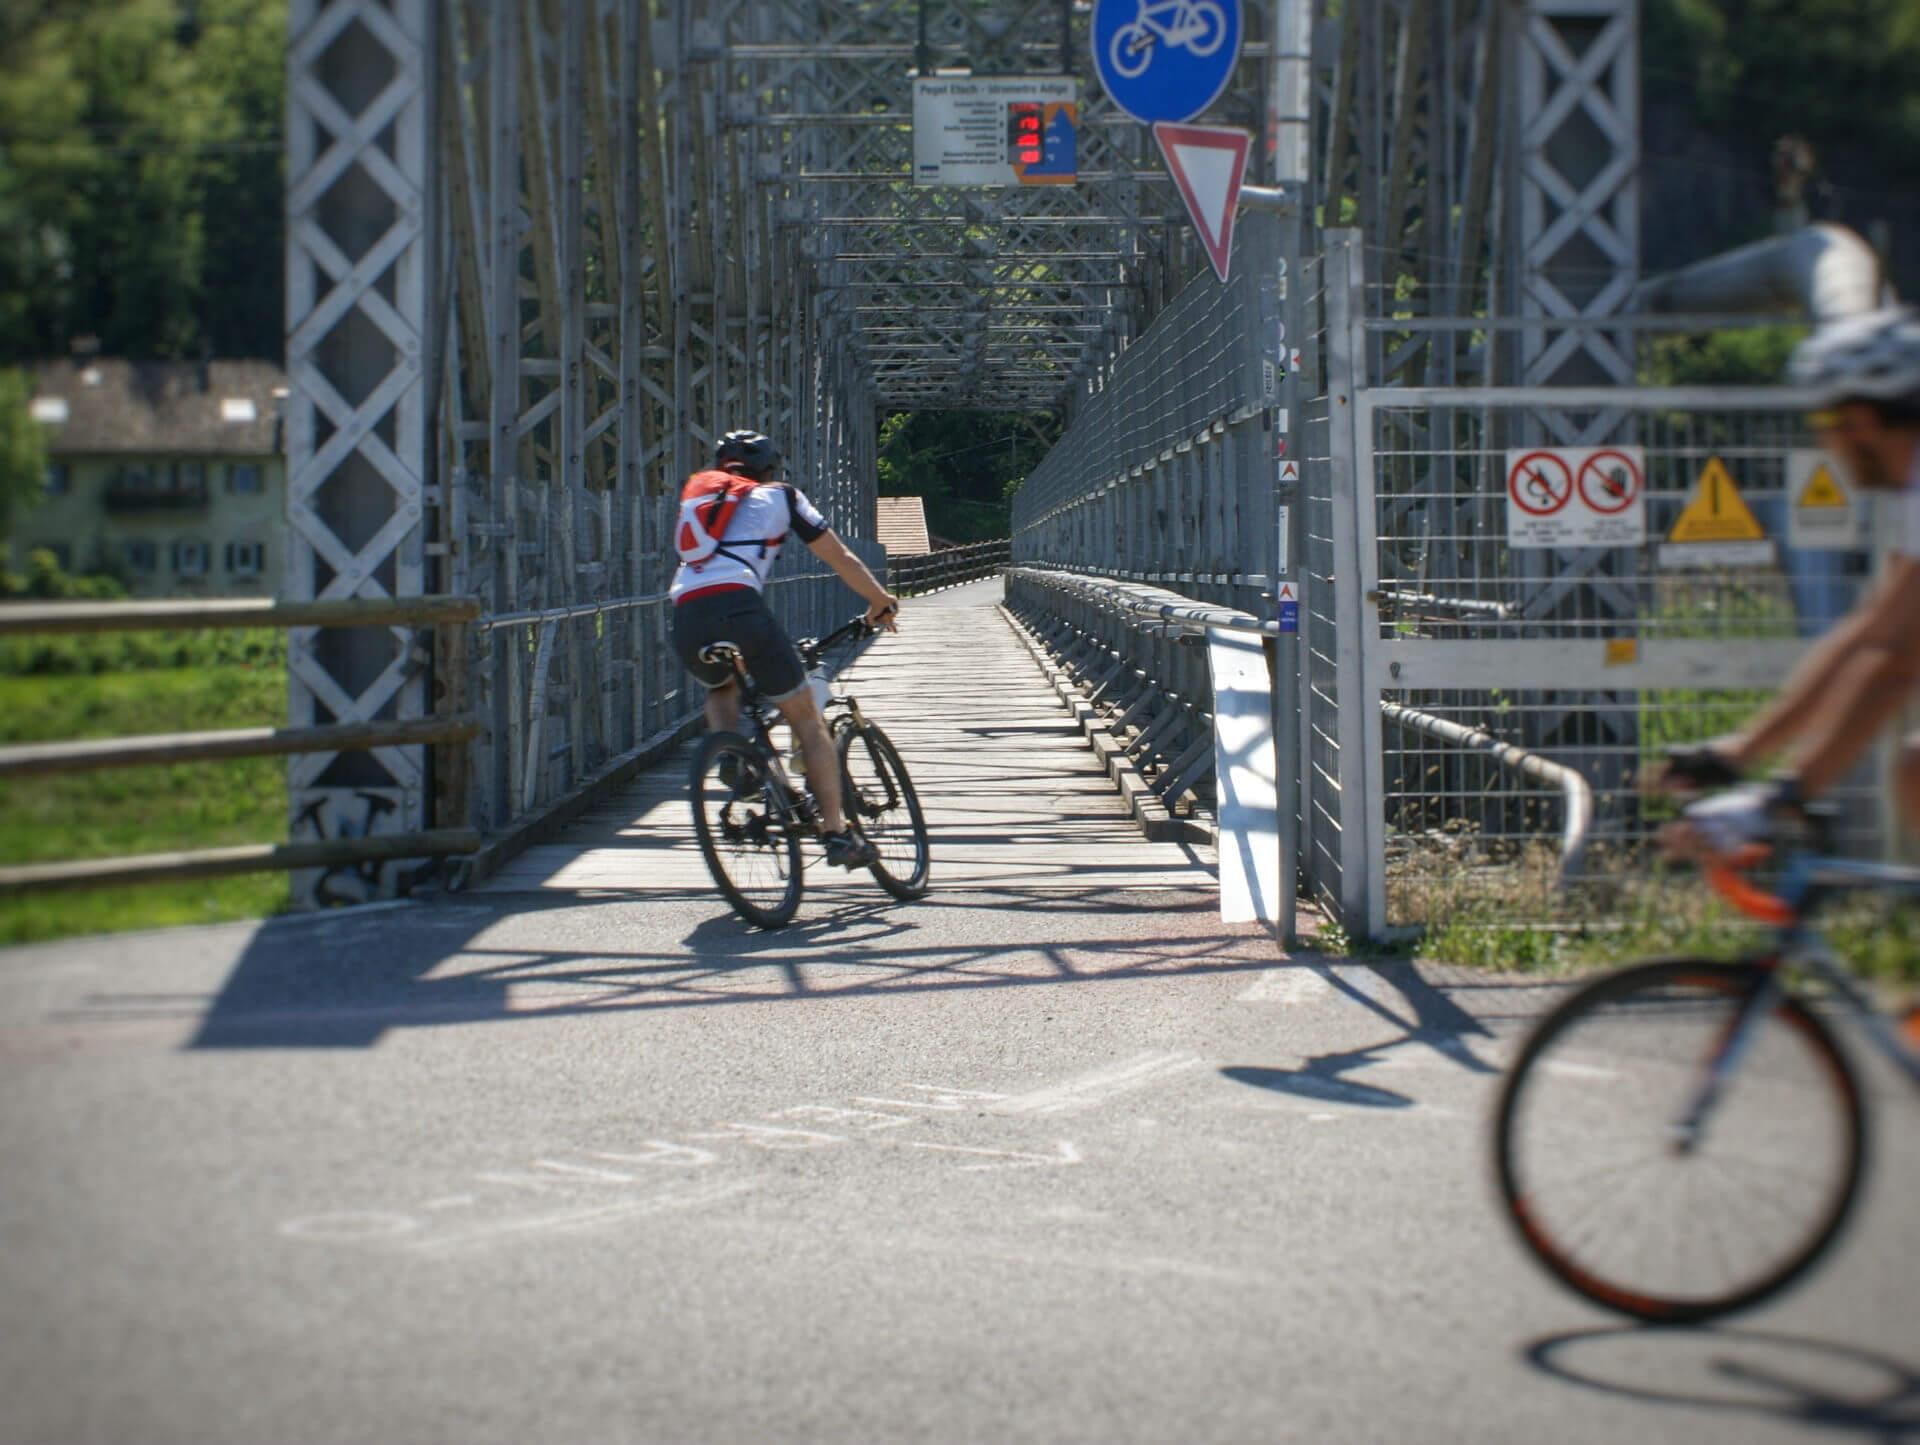 Radbrücke auf dem Weg nach Bozen